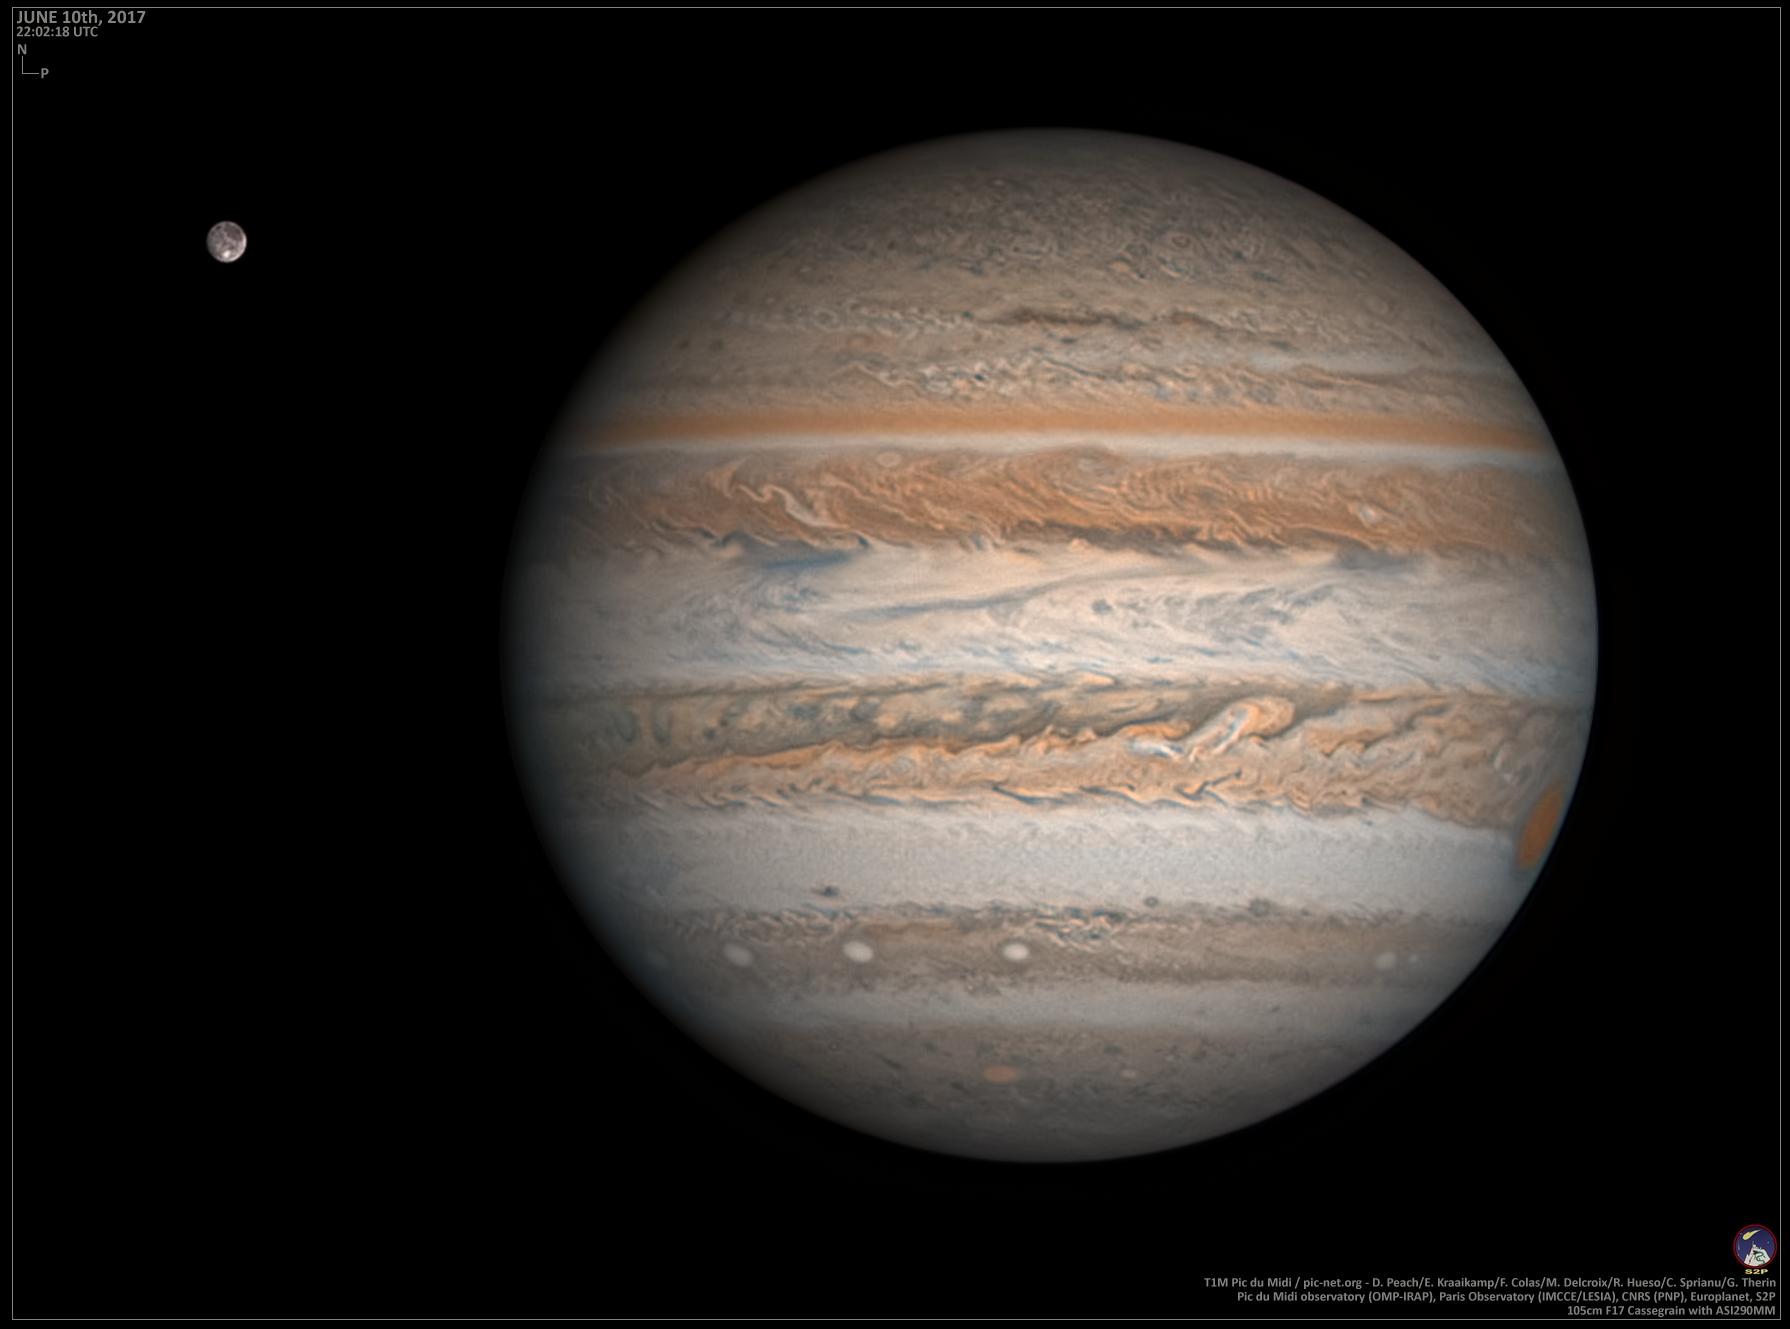 j2017-06-10-2202_3-RGB05.jpg